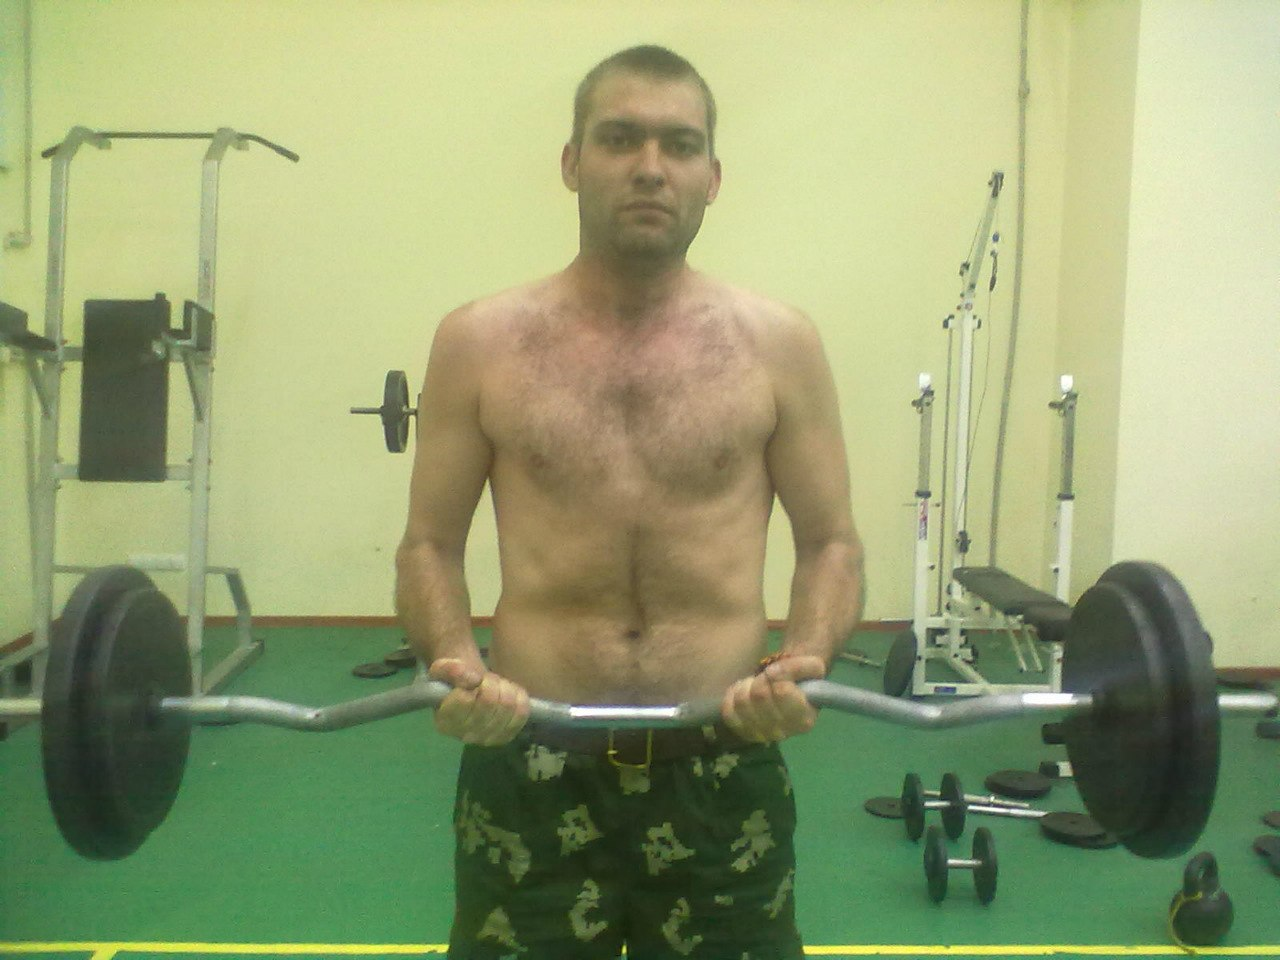 Террористов должен судить военный трибунал, - Наливайченко - Цензор.НЕТ 3721